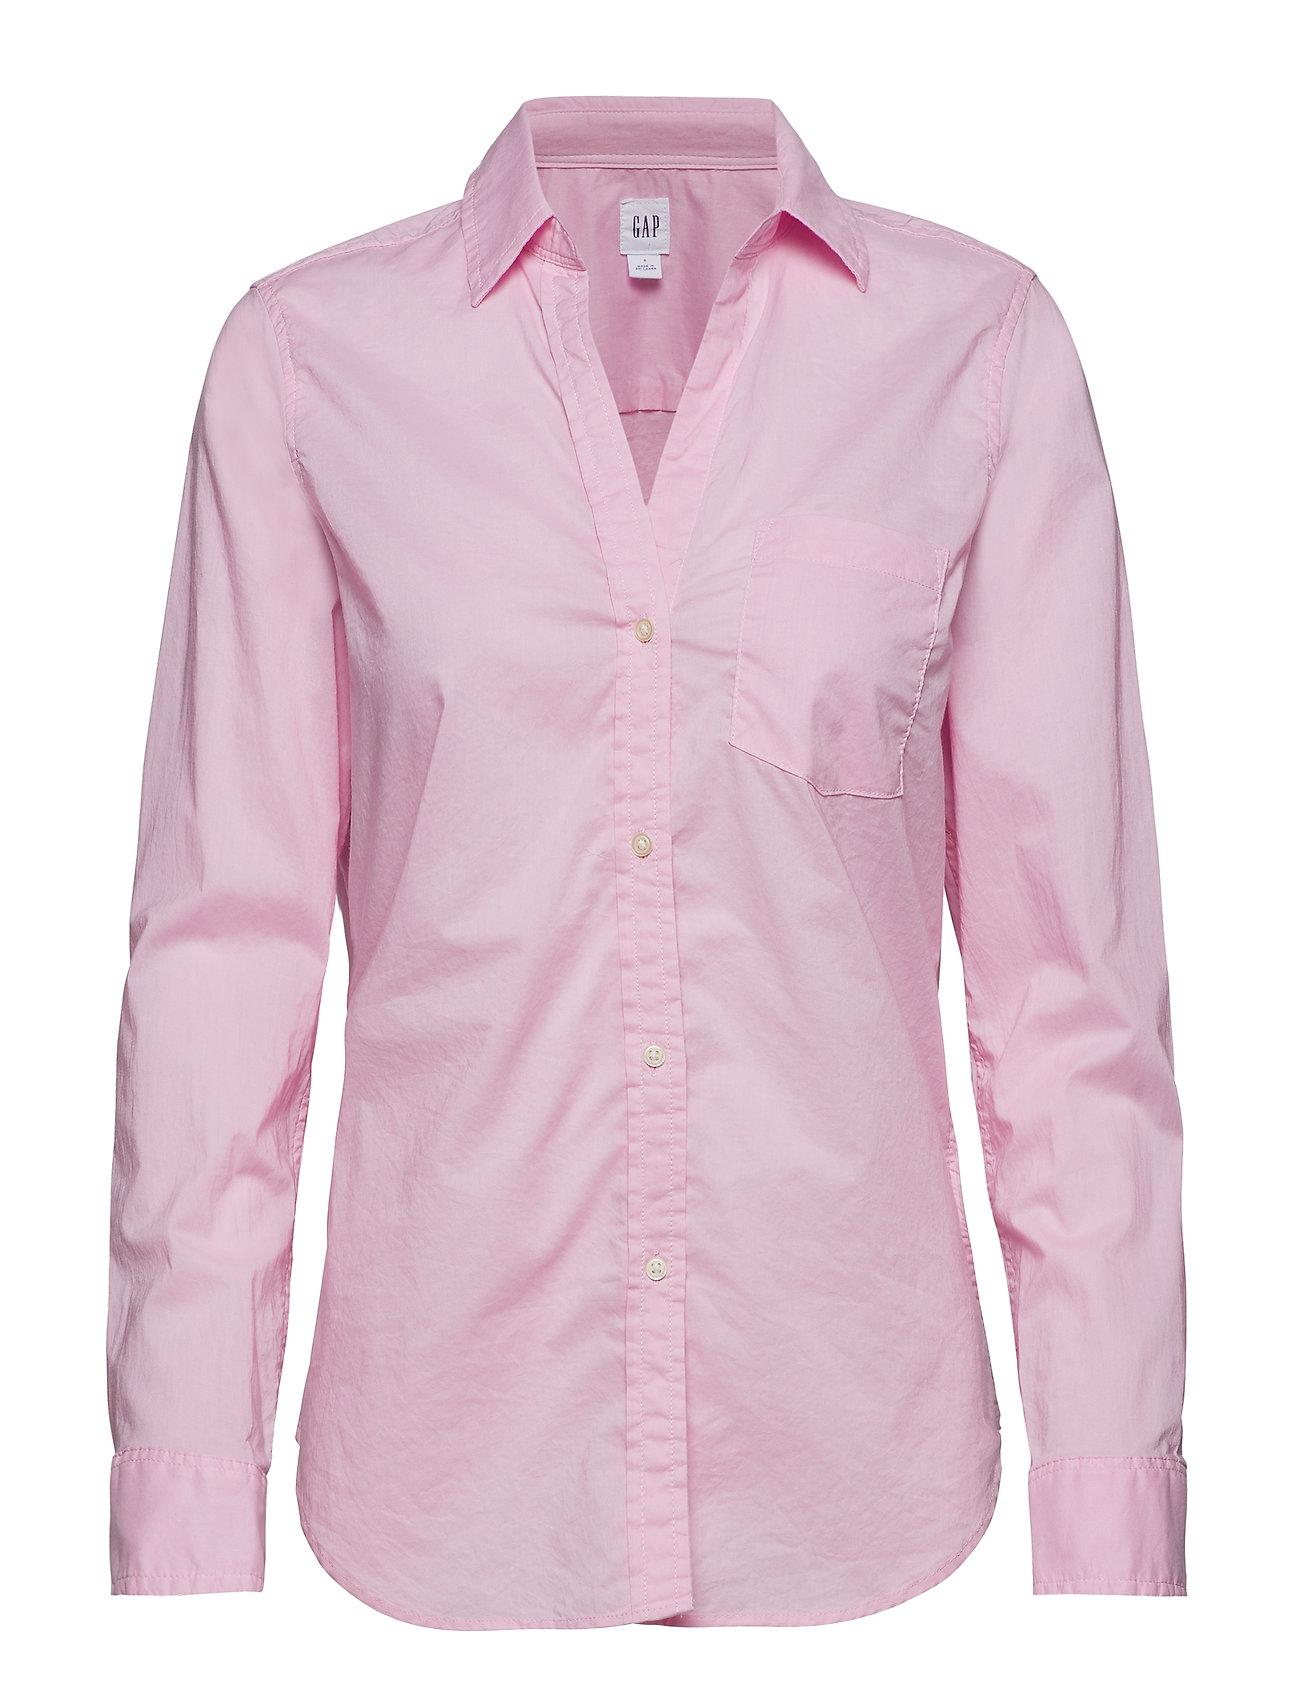 GAP Fitted Boyfriend Shirt - LIGHT PINK